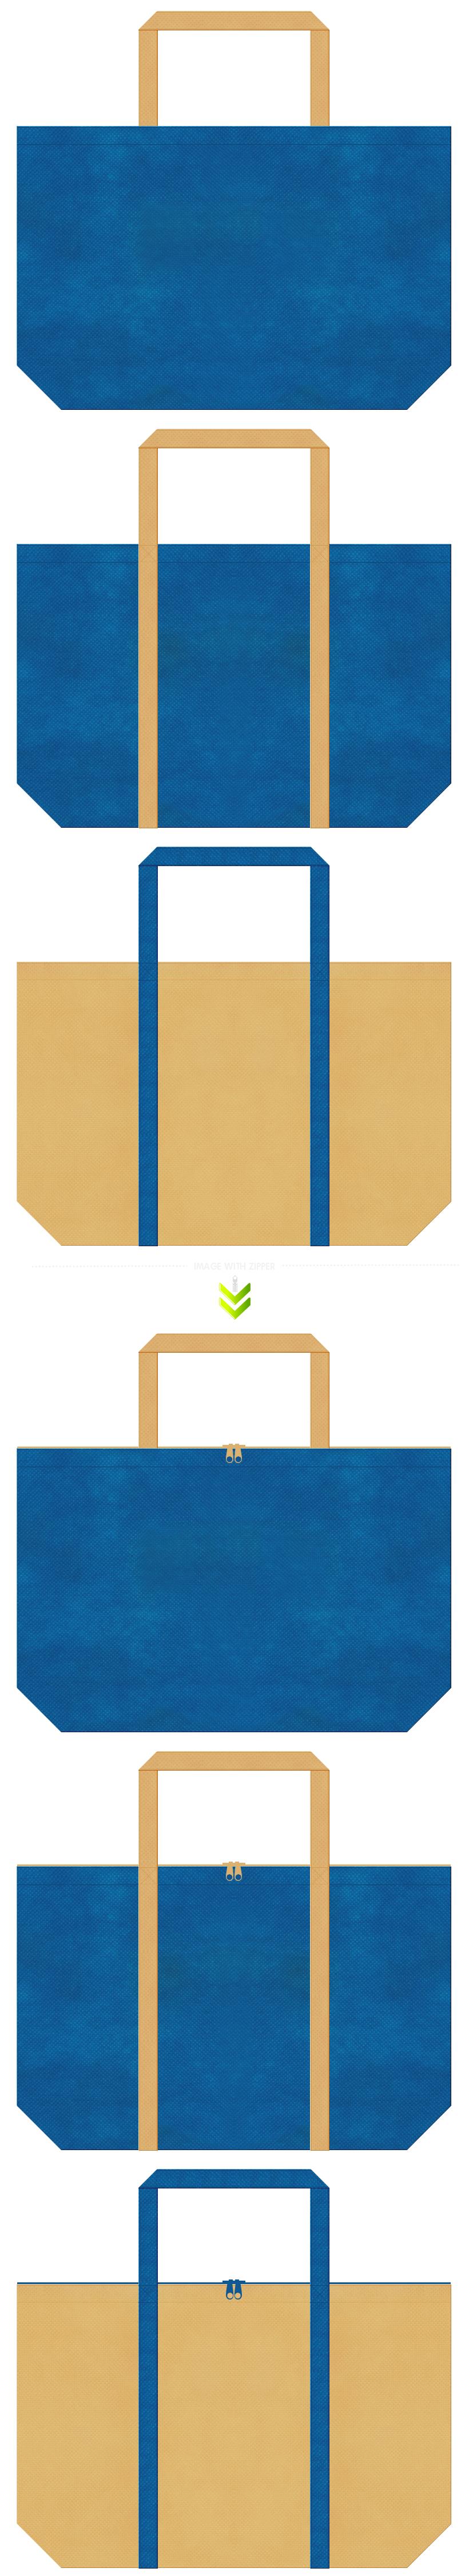 絵本・おとぎ話・テーマパーク・オンラインゲーム・ロールプレイングゲームの展示会用バッグにお奨めの不織布バッグデザイン:青色と薄黄土色のコーデ